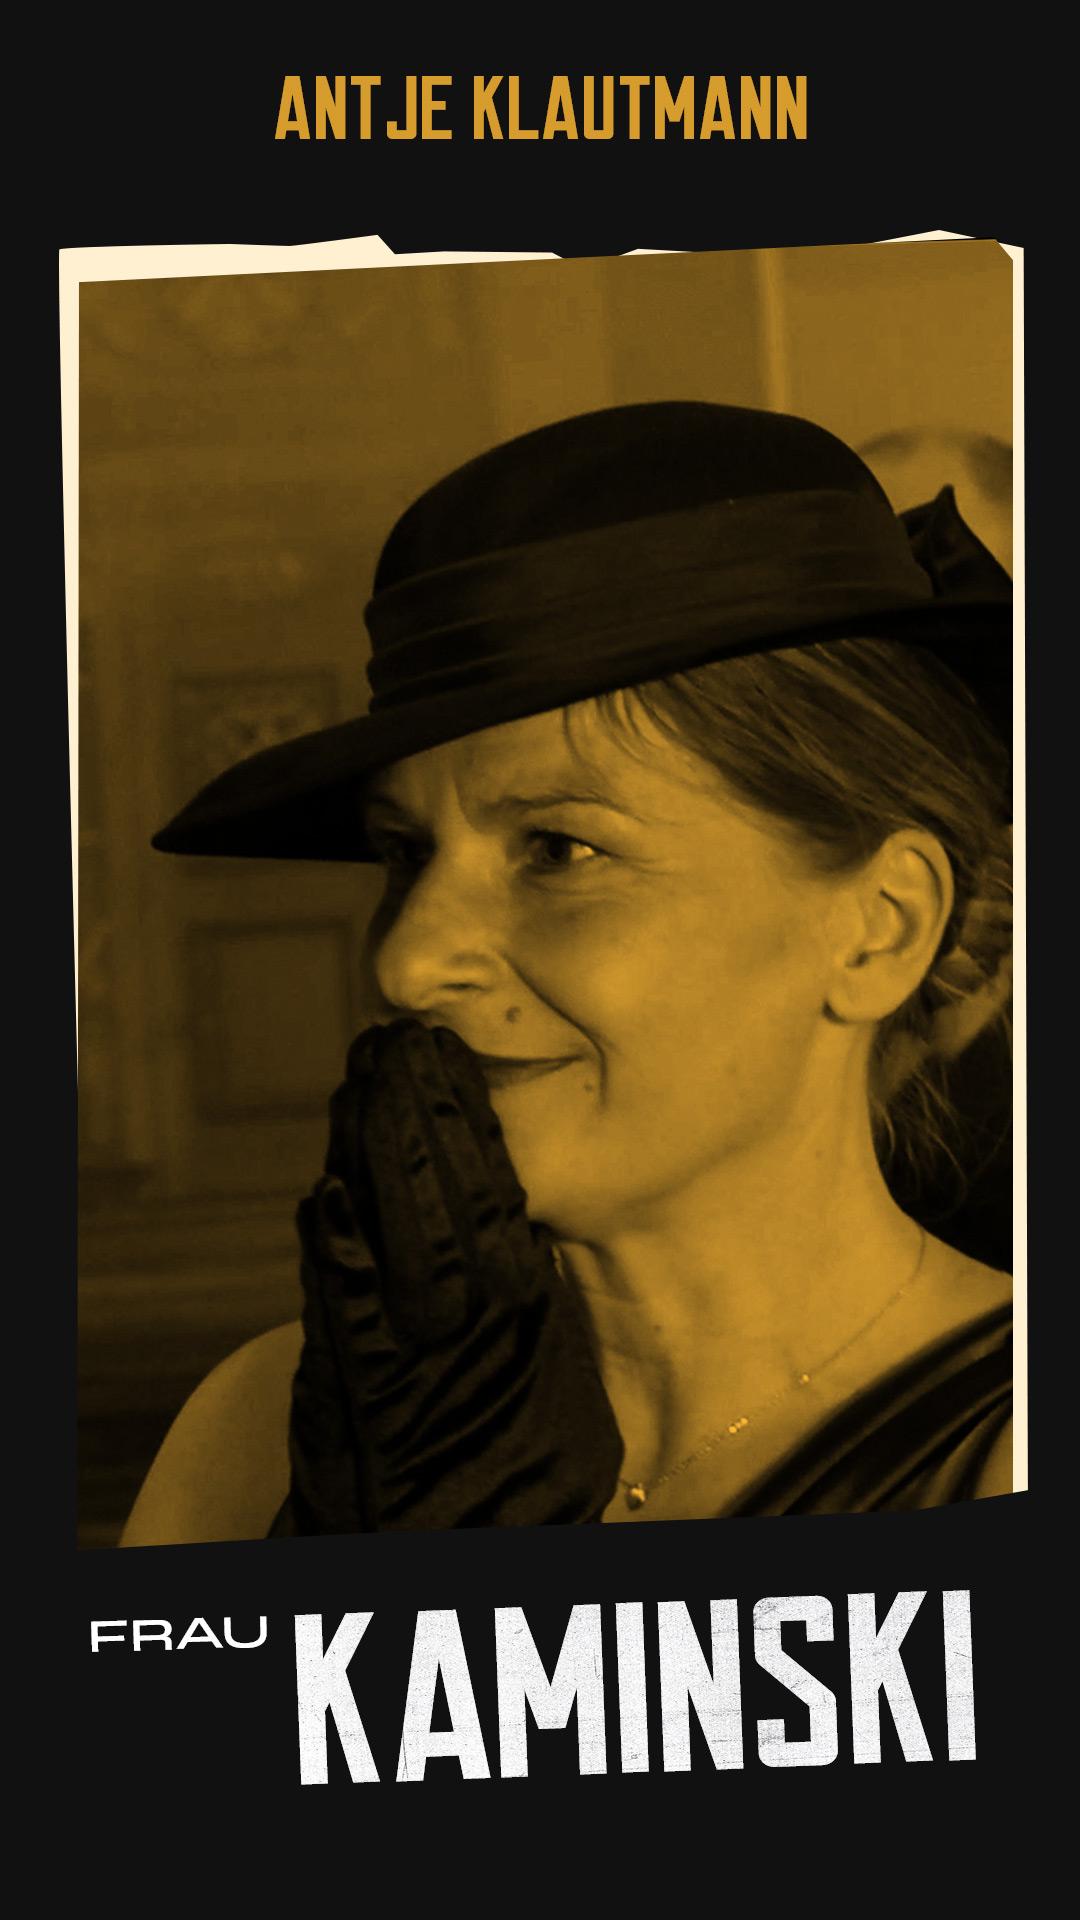 Frau Kaminski